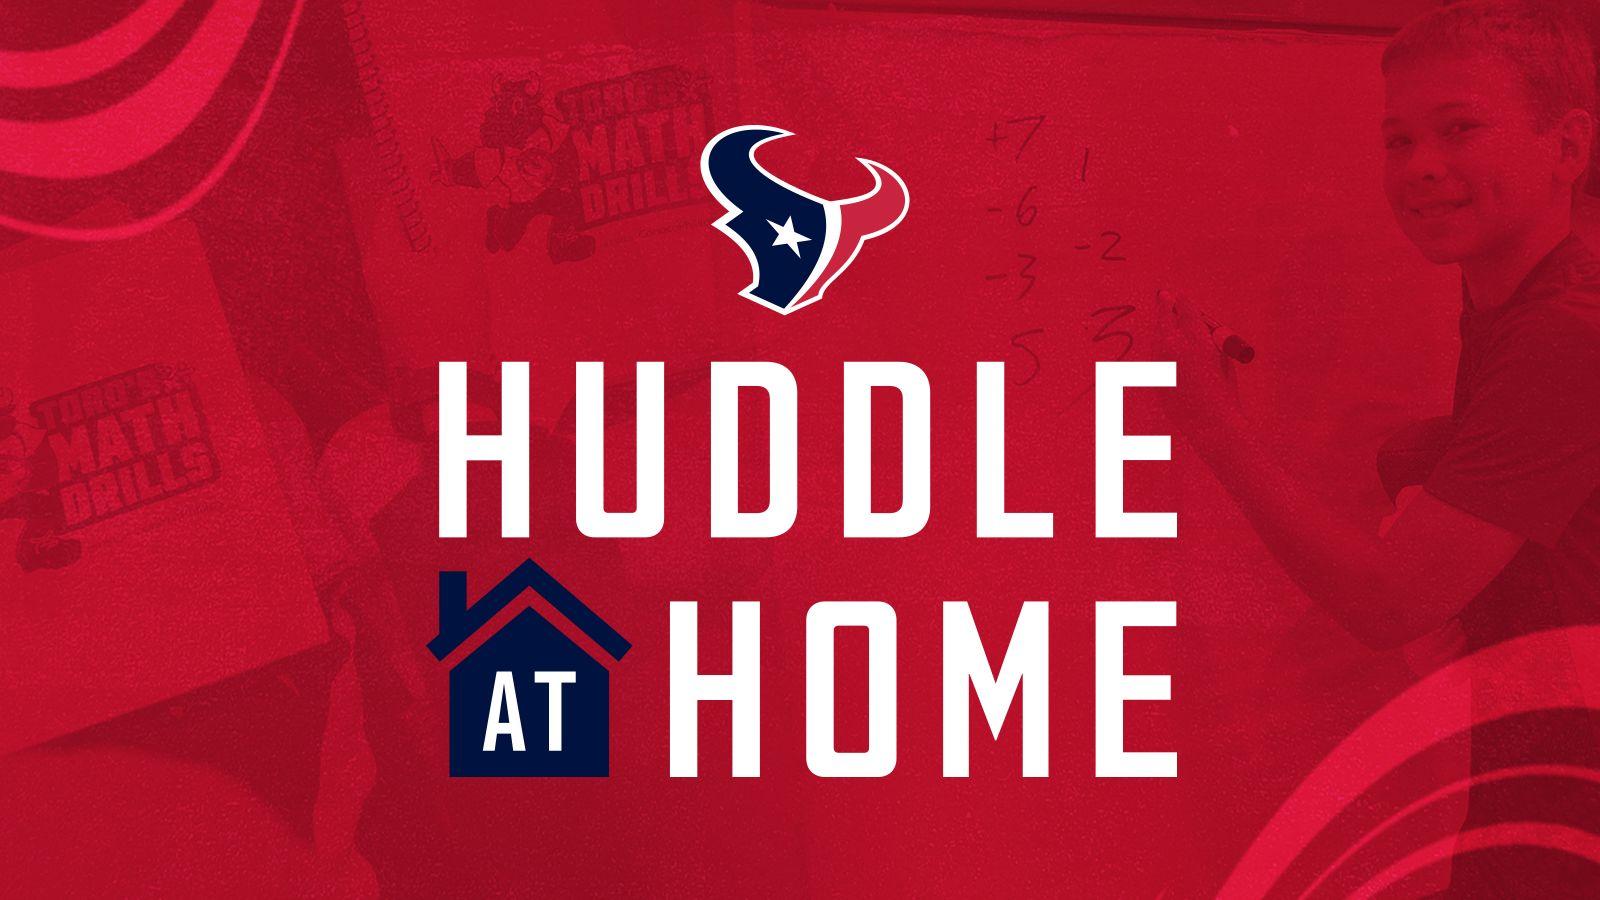 Huddle at Home